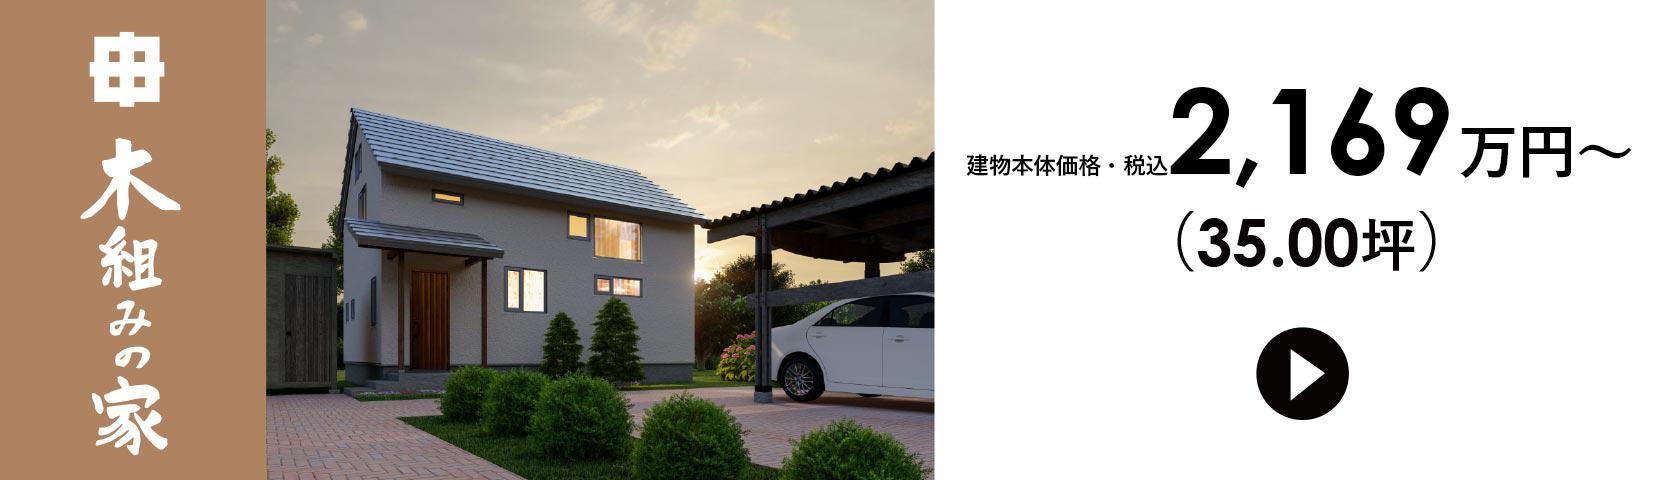 木組みの家 - 35.00坪 - 1,885.4万円